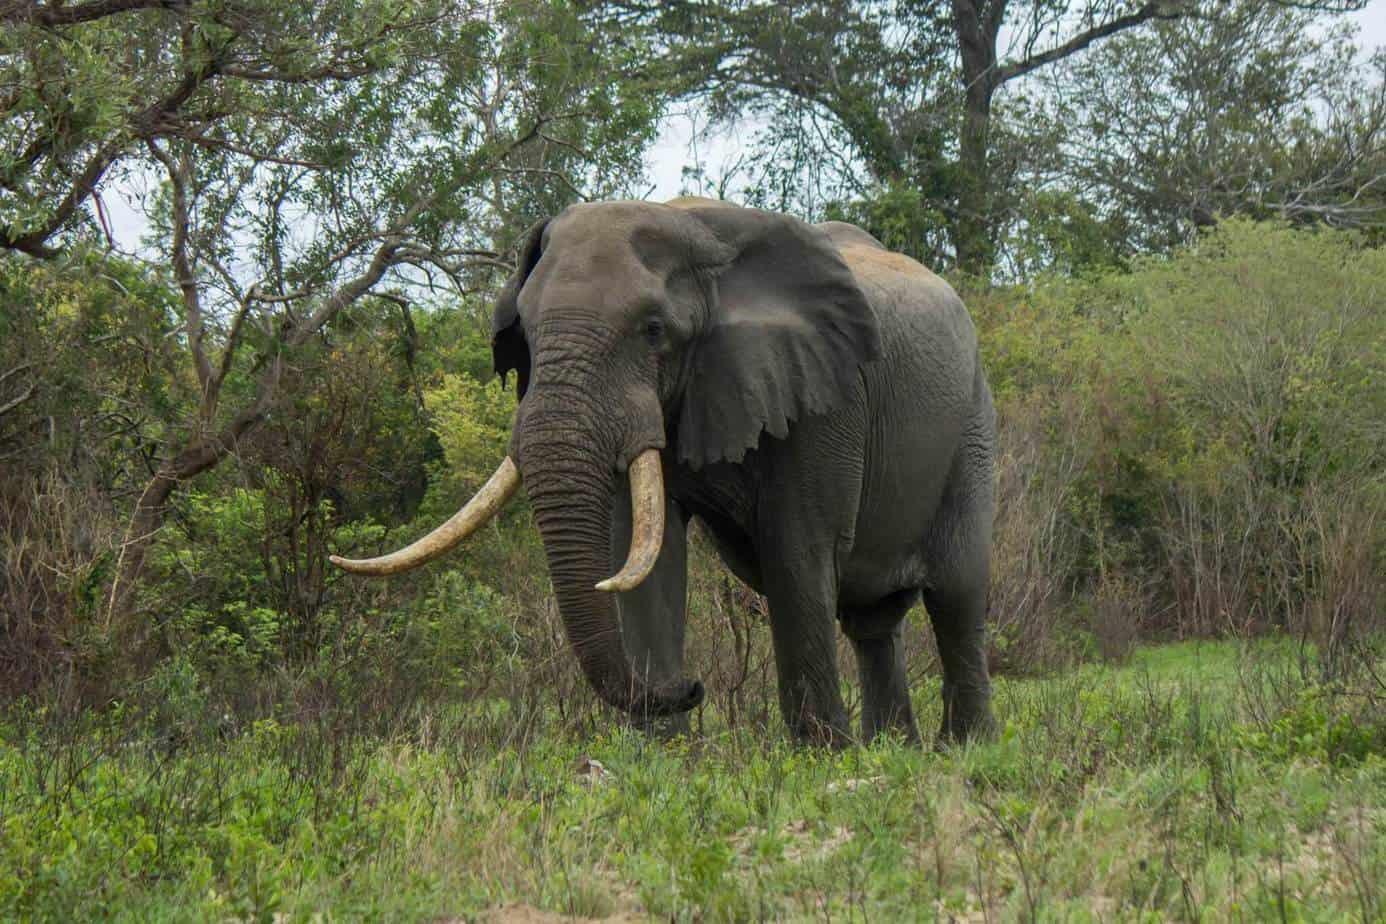 IMG 9542 - Tembe Elephant Park